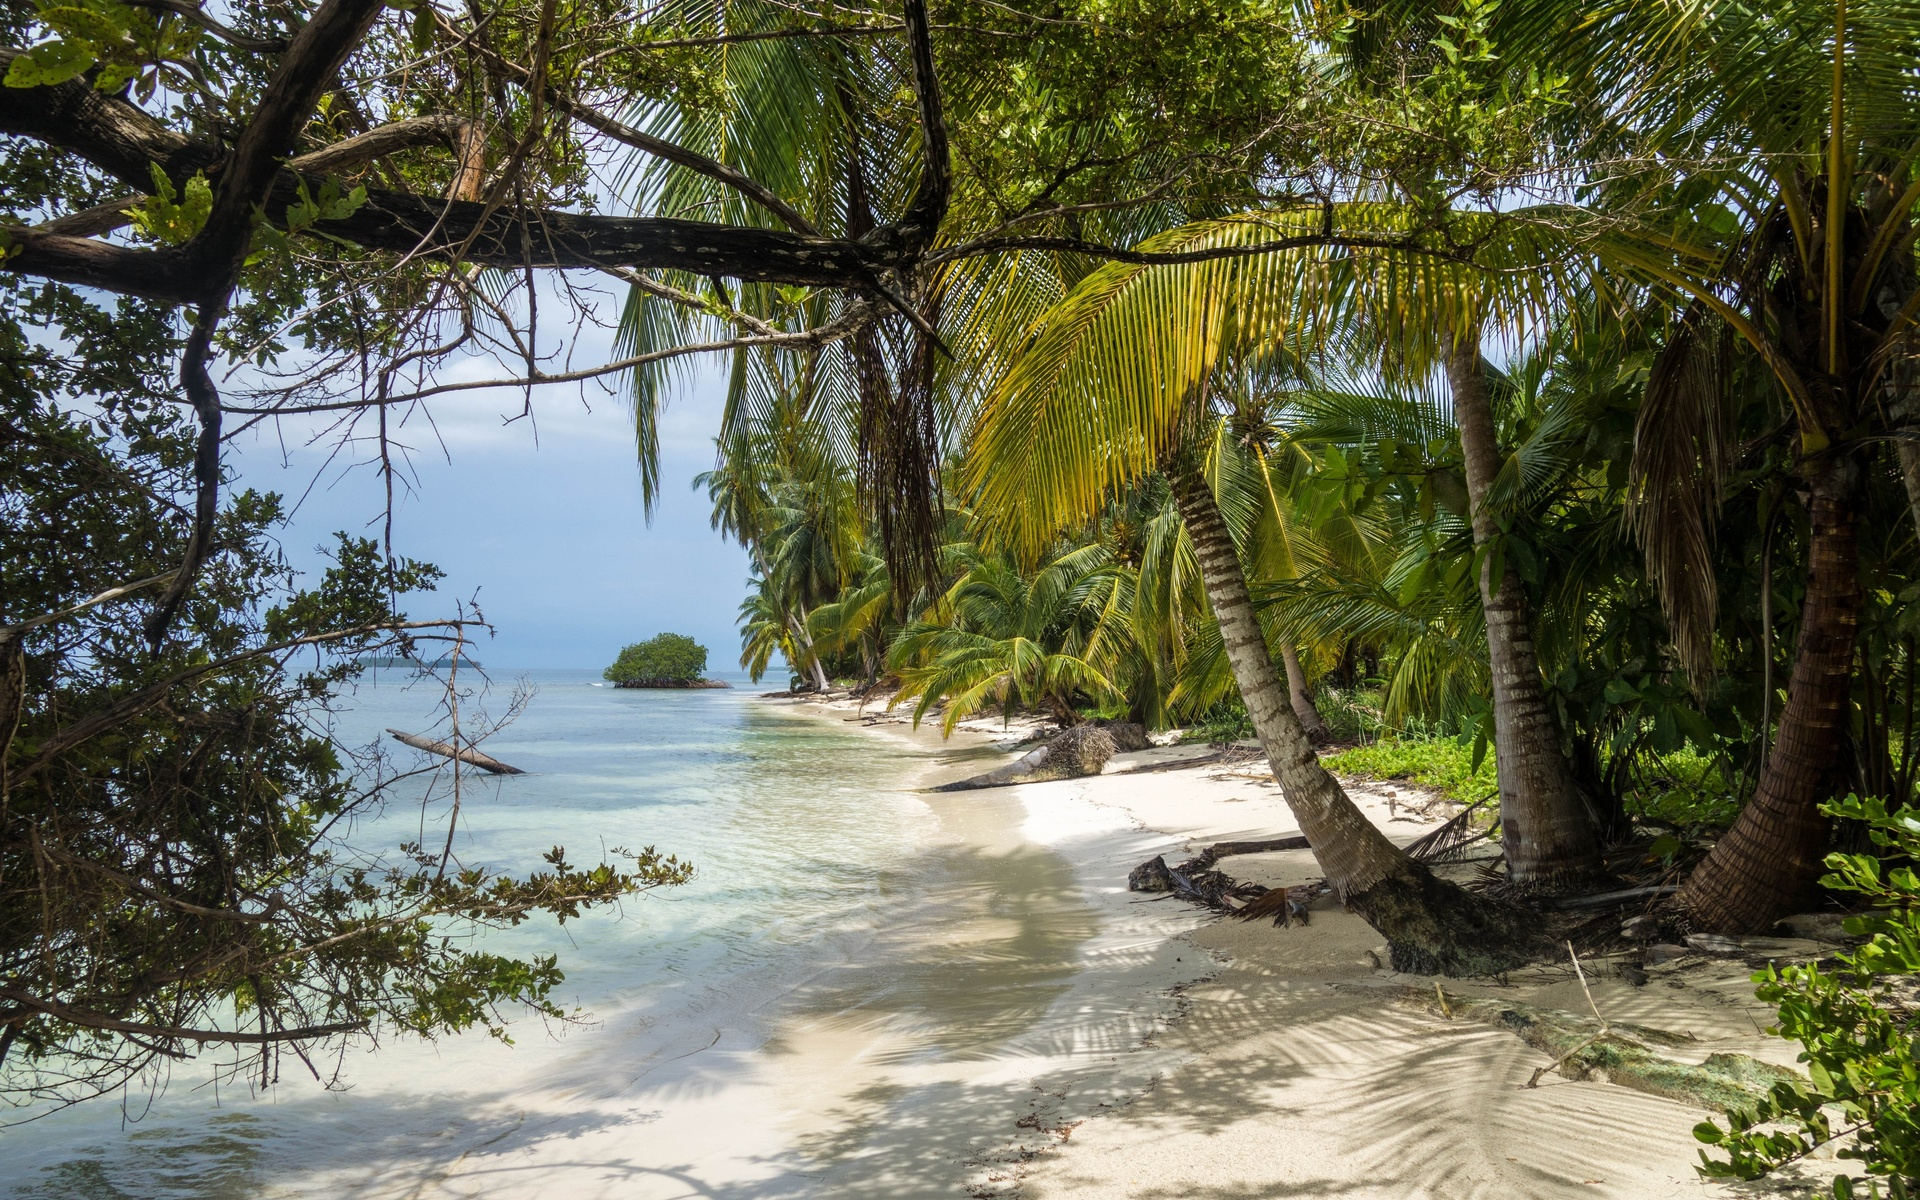 панама, остров, карибский бассейн, пляж, море, рай